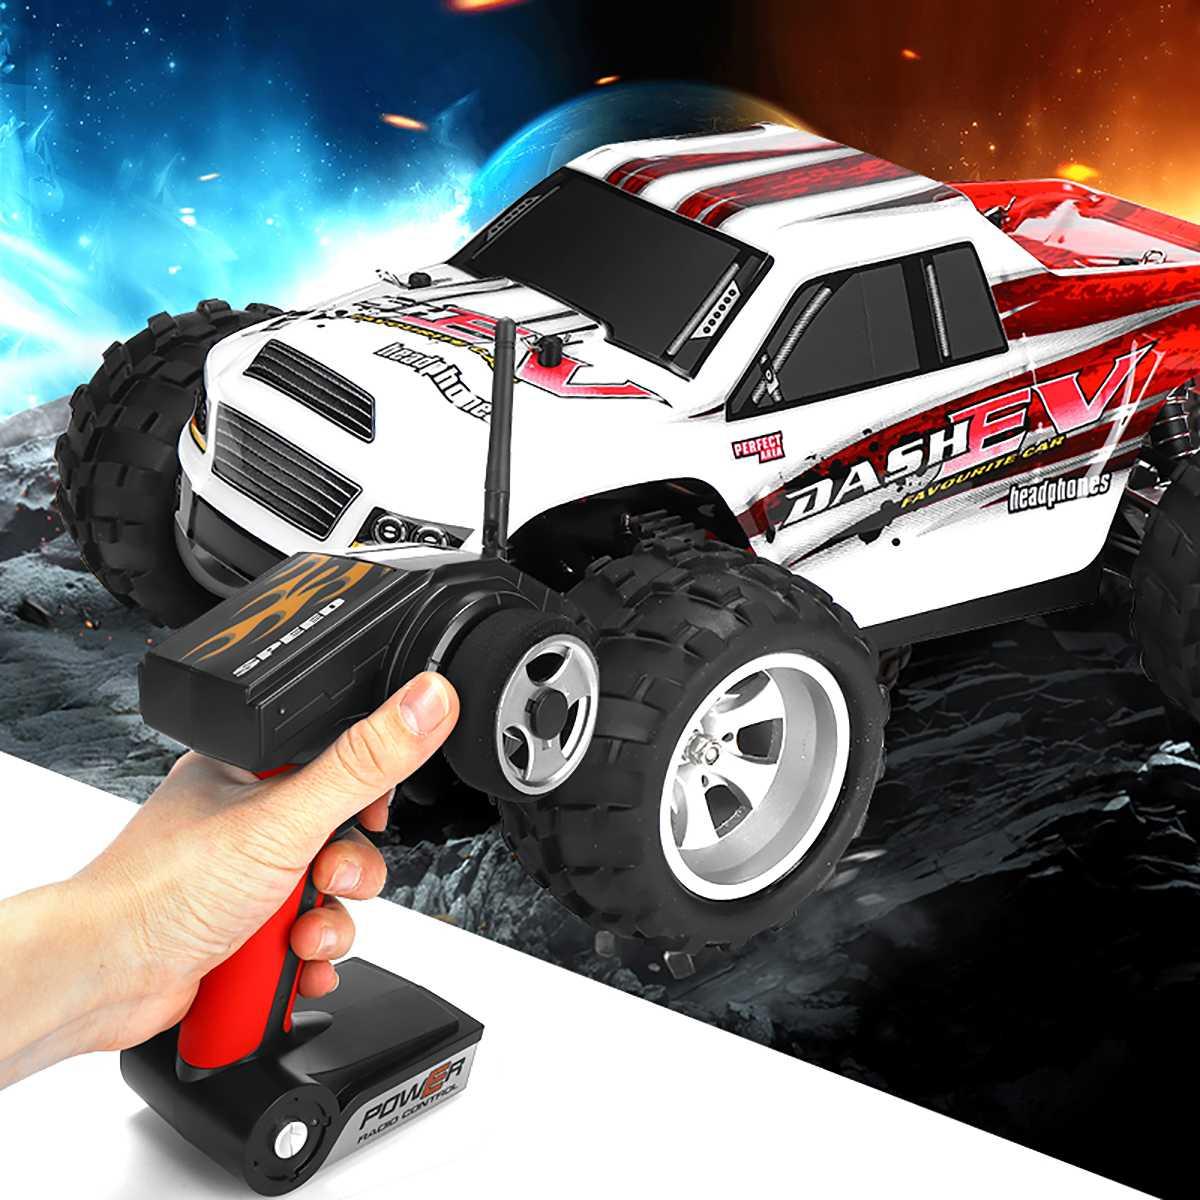 Date 1:18 WLtoys A979B camion 2.4G 4WD RC voiture 70 KM/h haute vitesse tout-terrain course Buggy camion jouets télécommande voiture moteur